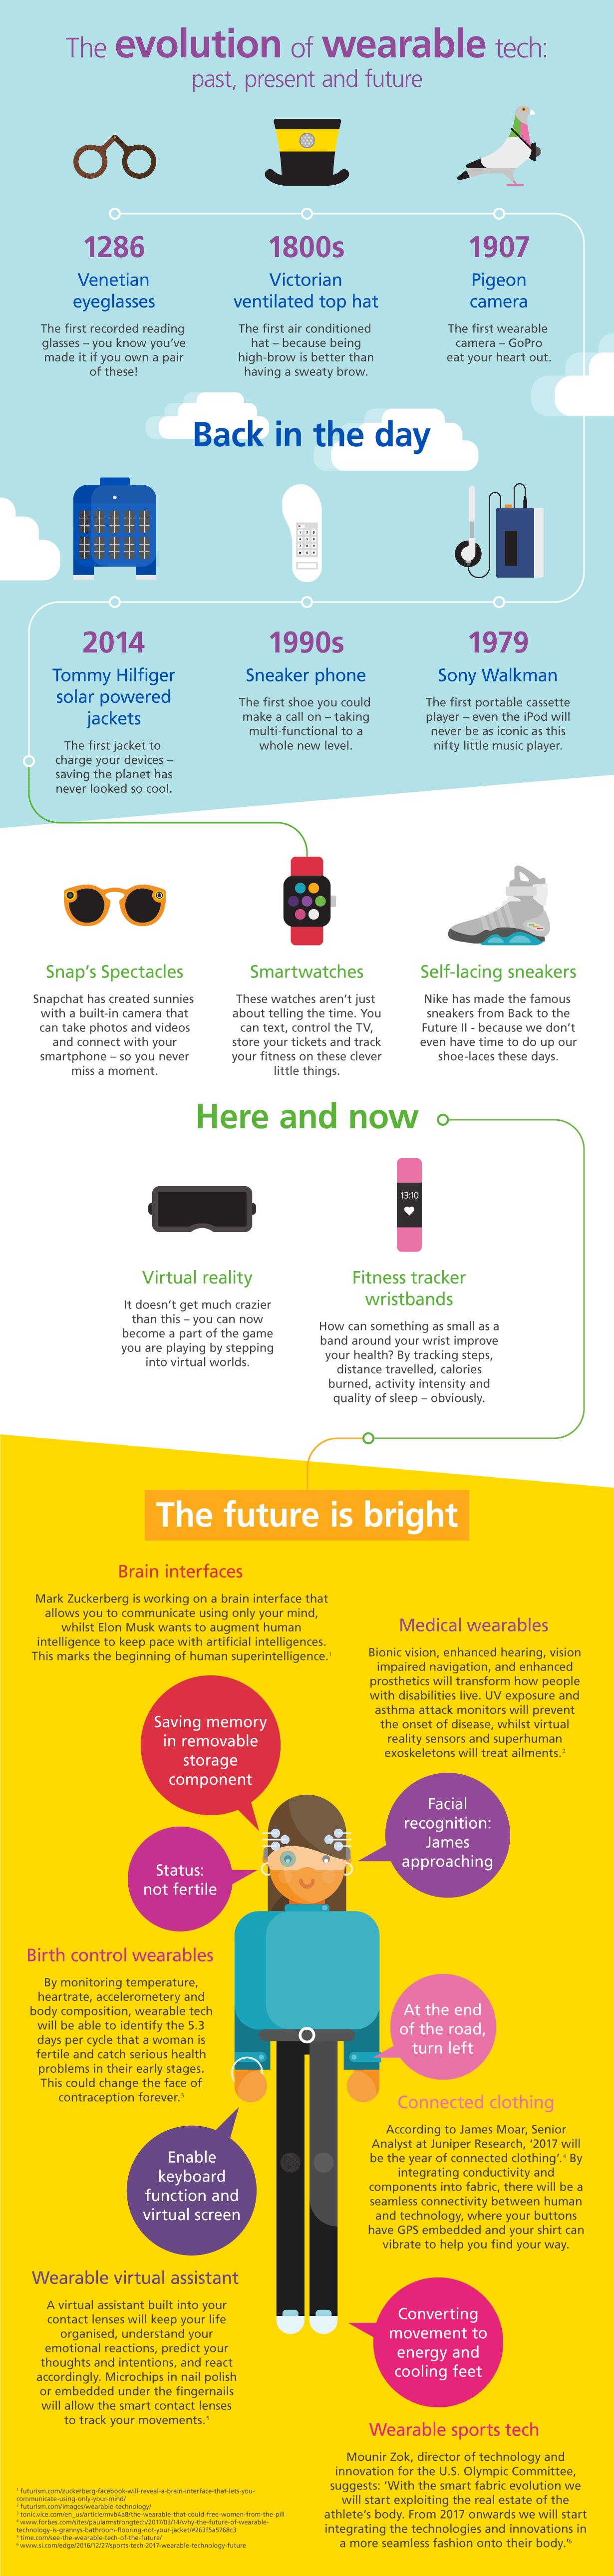 Aviva - The Evolution of Wearable Tech - Infographic